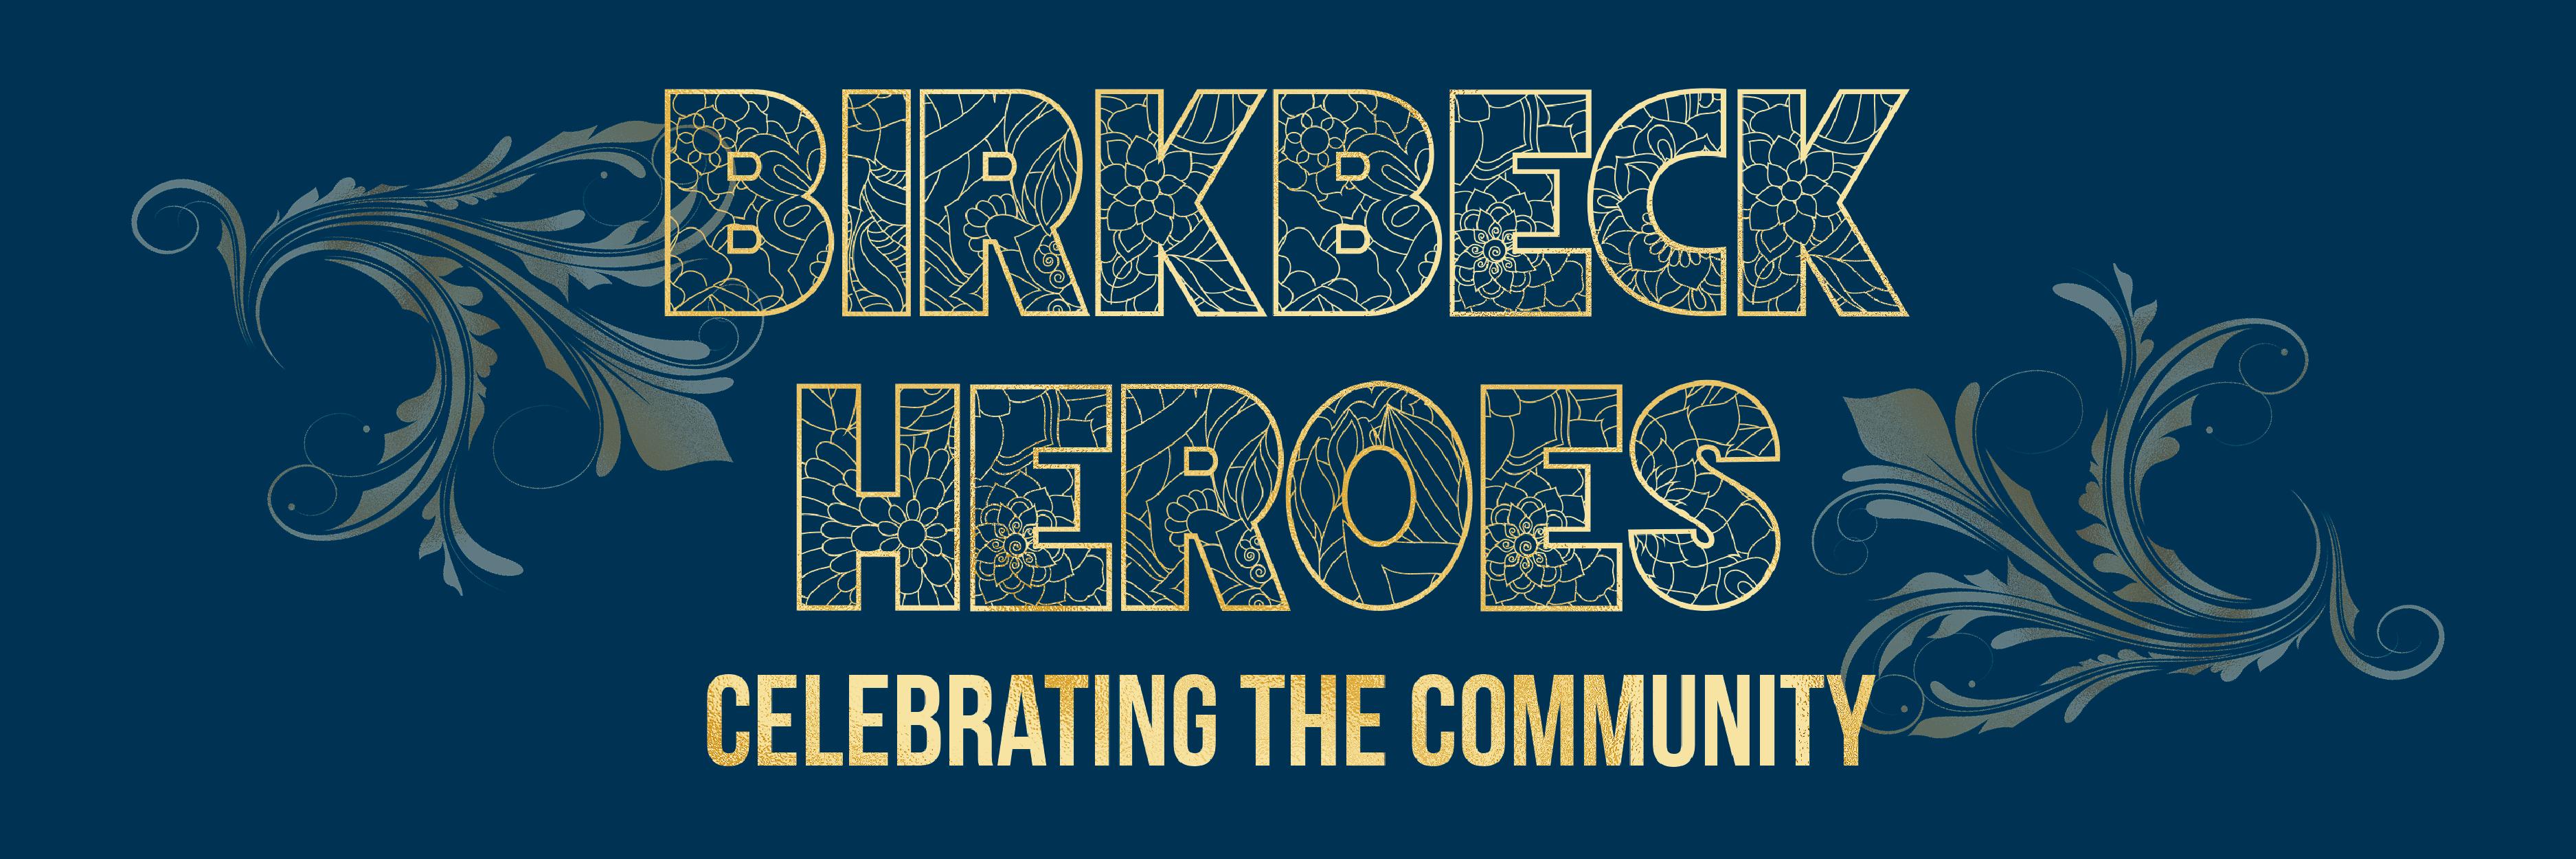 Birkbeck Heroes